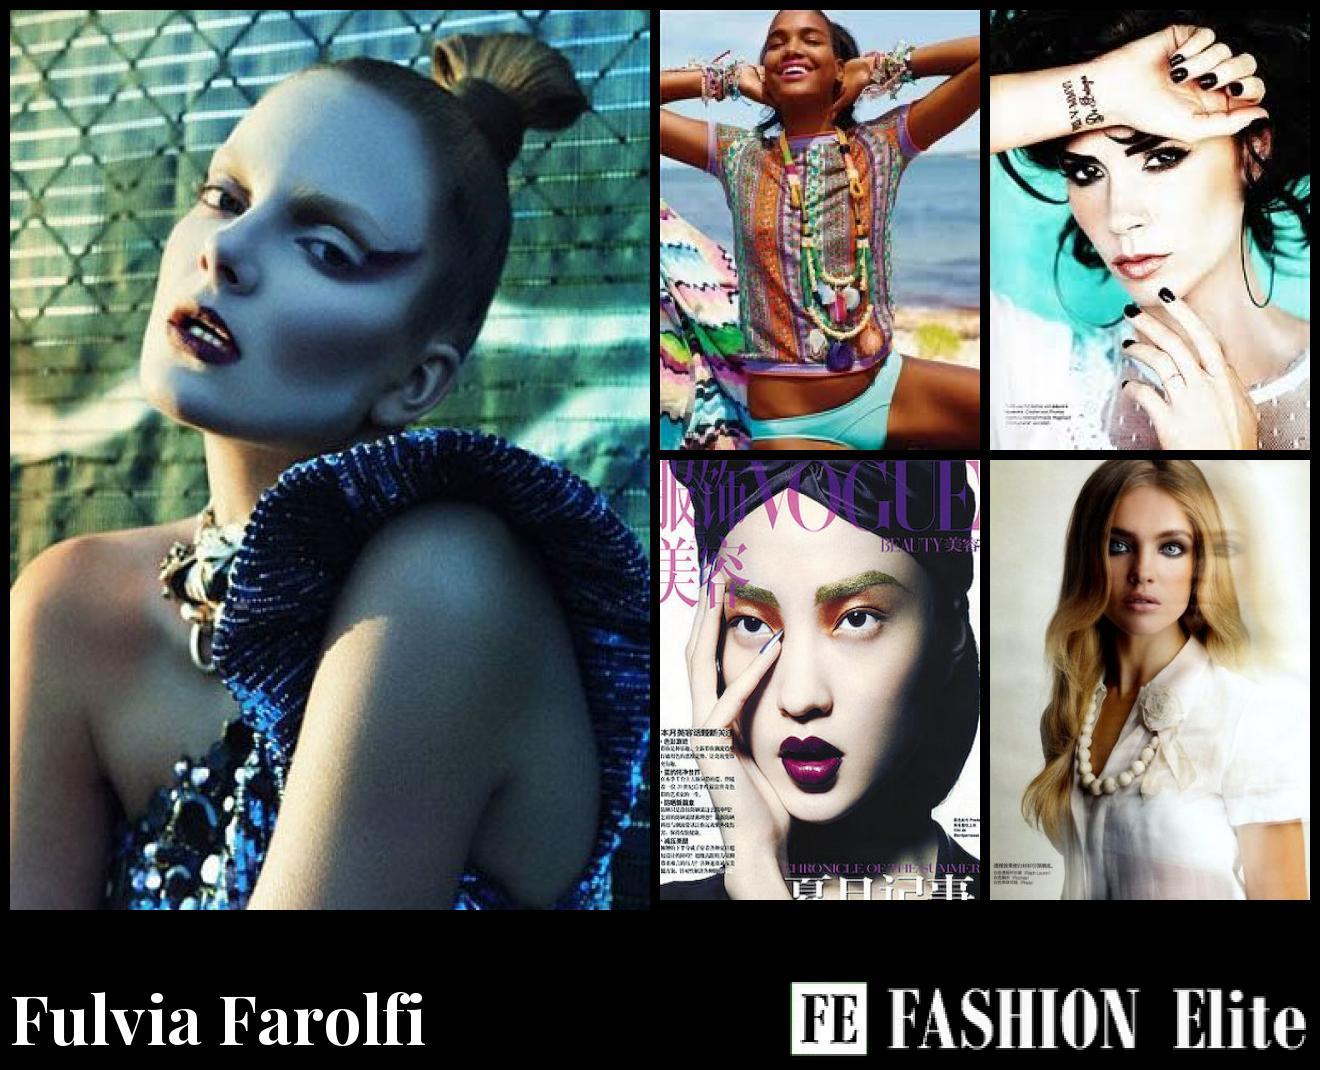 Fulvia Farolfi Comp Card